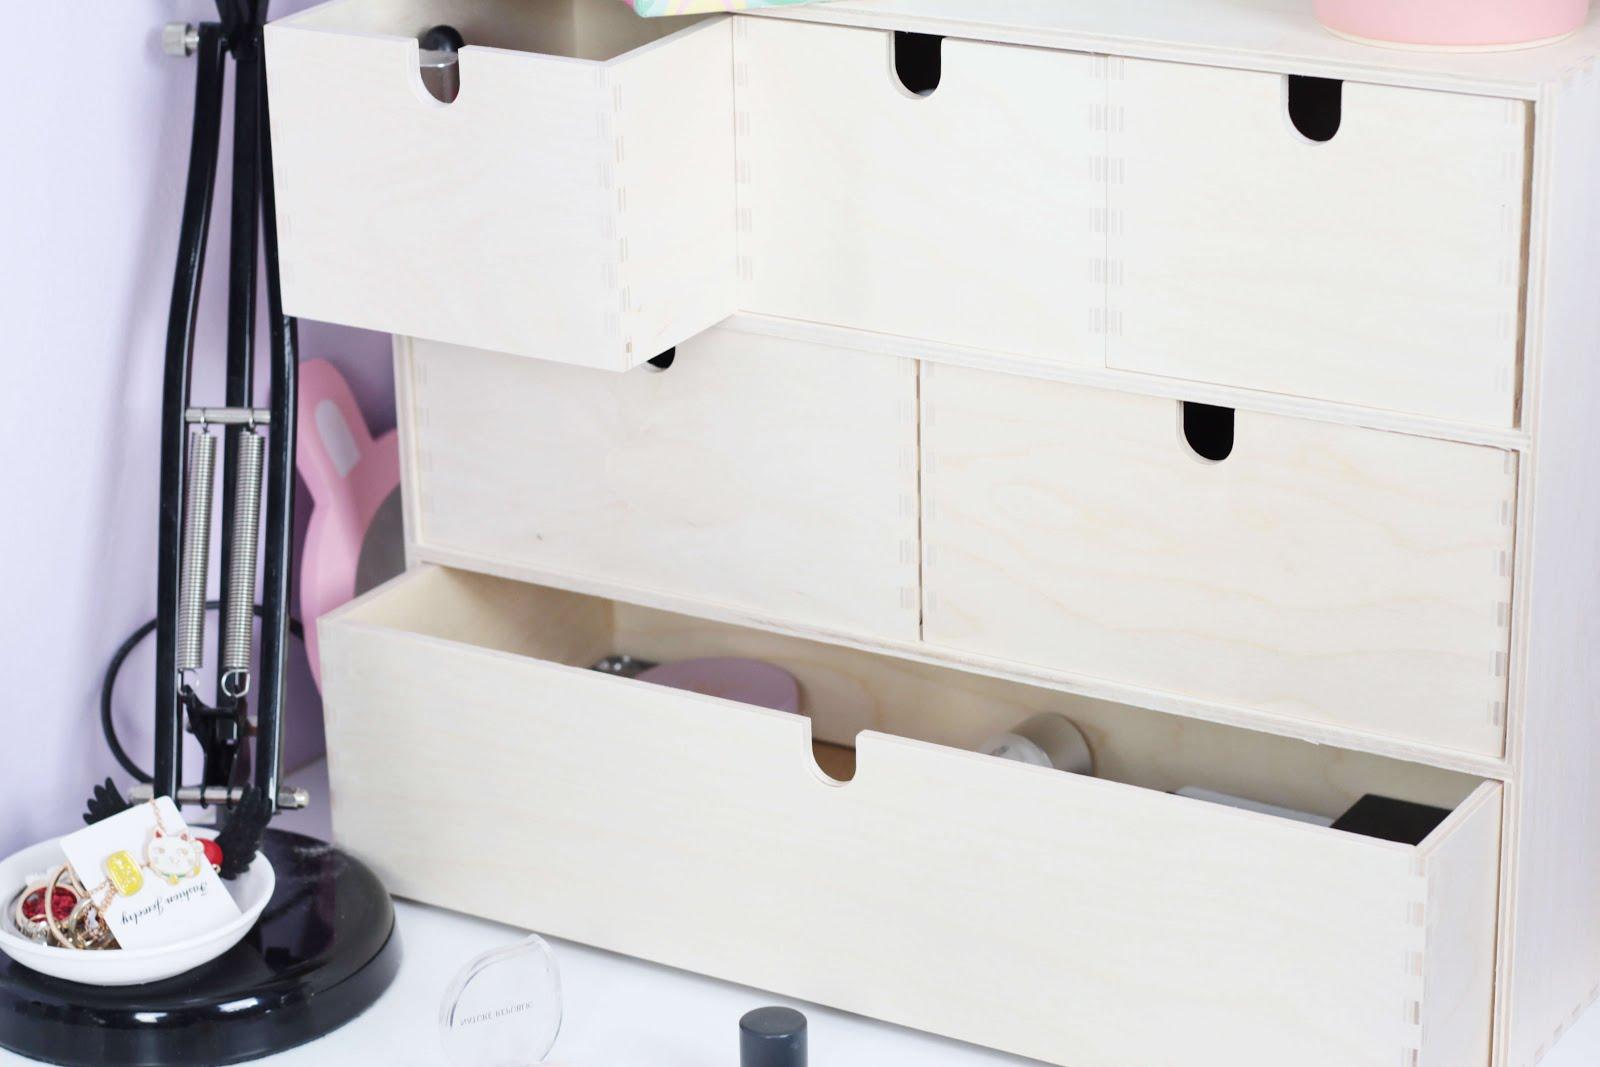 Mini Cassettiera Ikea Moppe.Ikea Moppe Ikea Hacking Upcycling A Drawer Unit